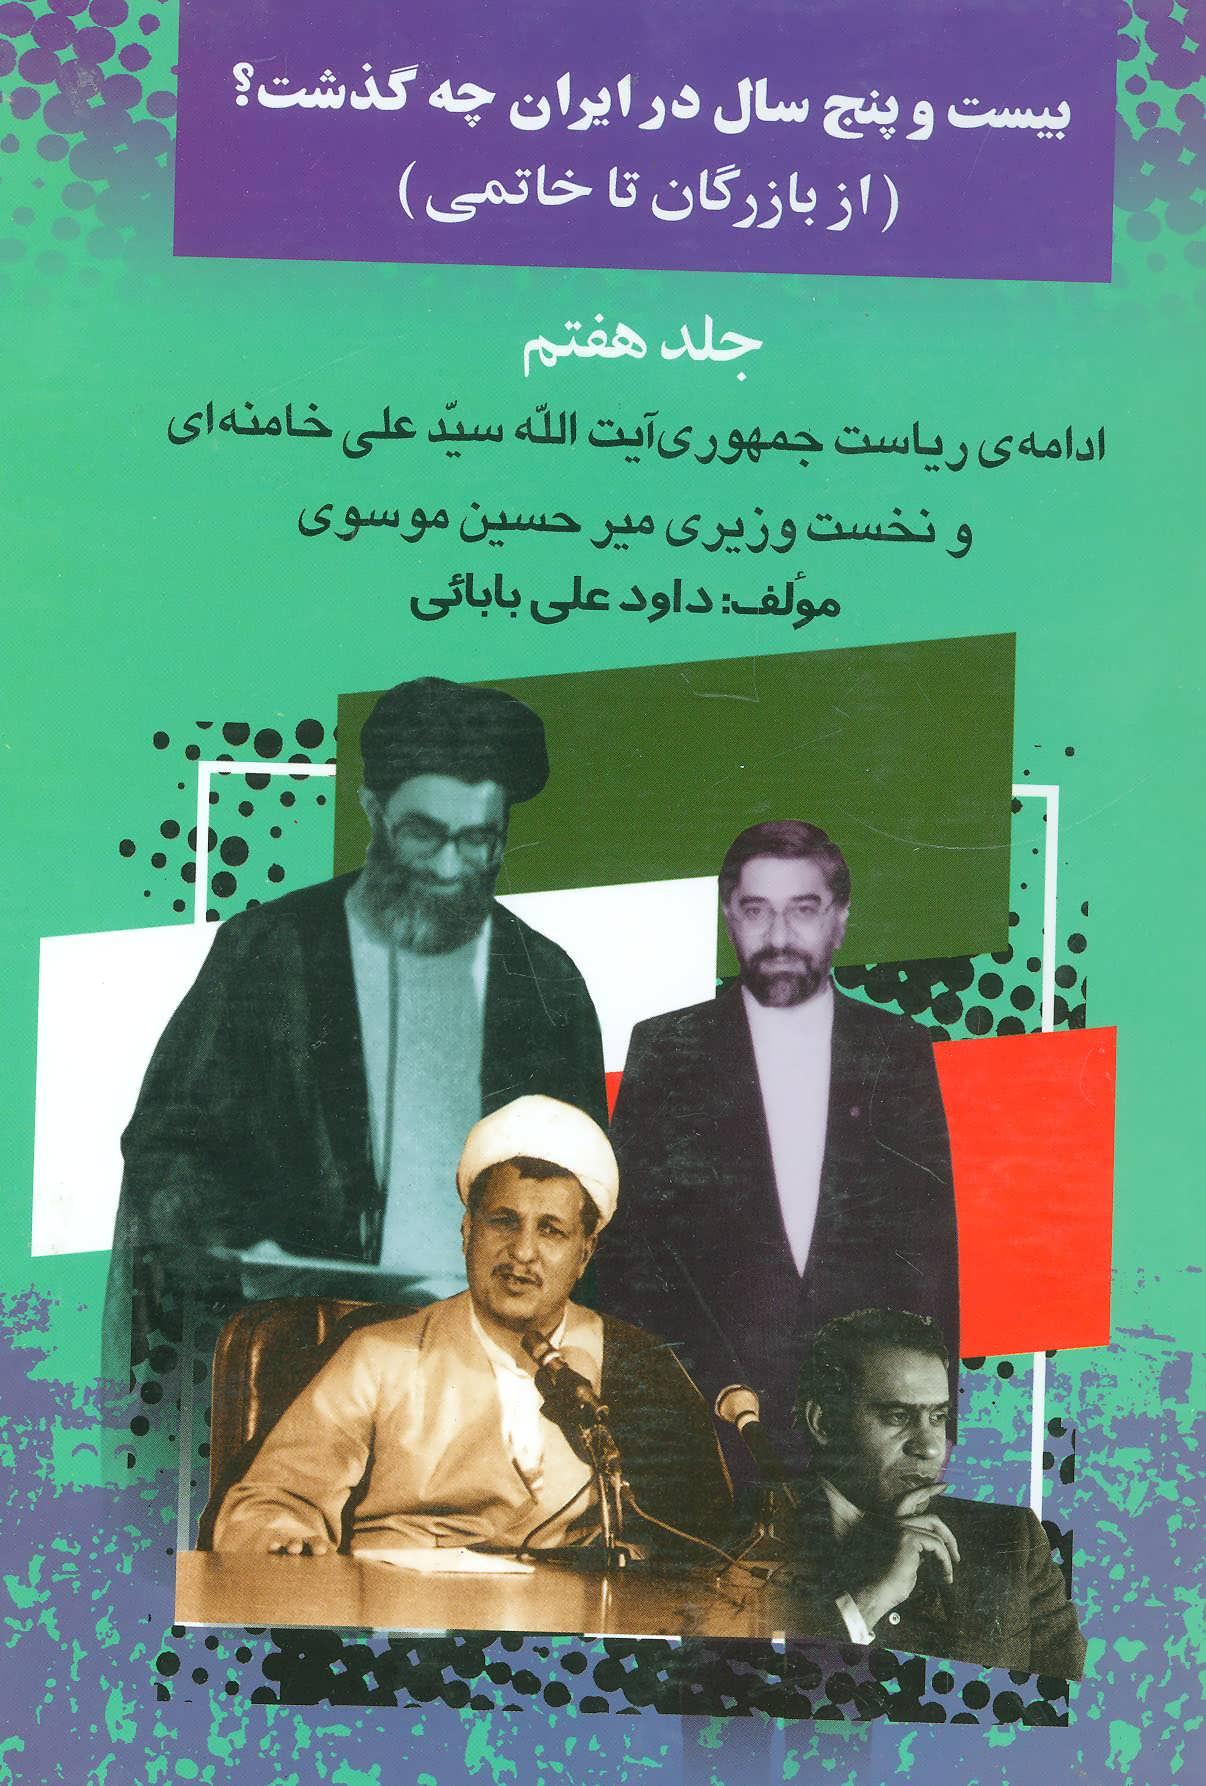 بیست و پنج سال در ایران چه گذشت؟ 7